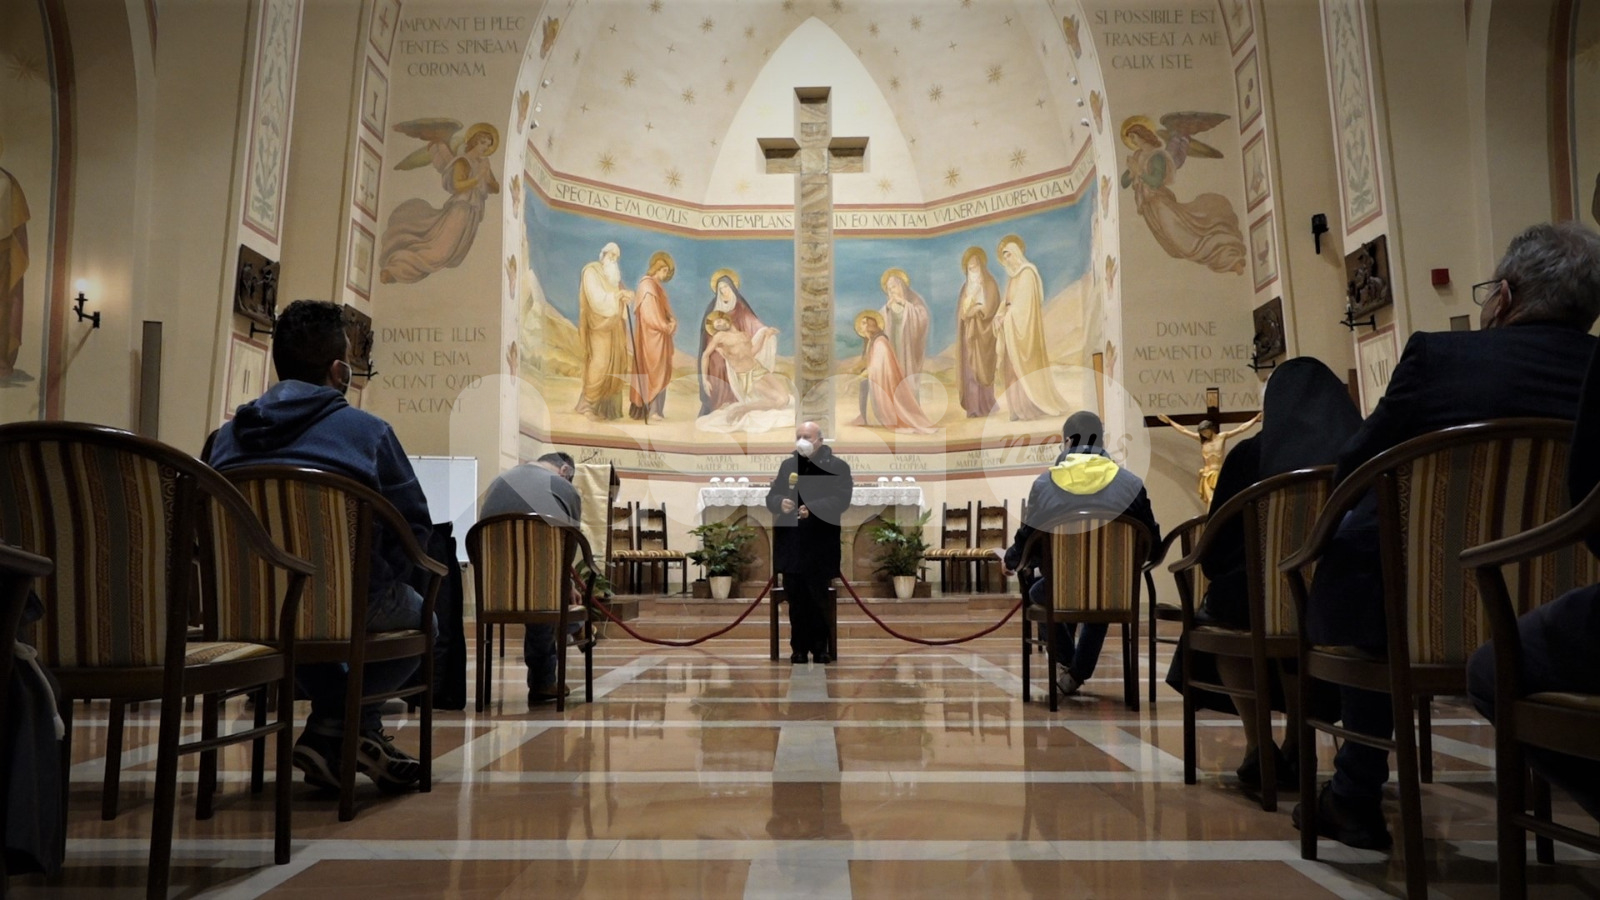 Giornata mondiale del malato 2021, il vescovo visita ospedale, Serafico e Andrea Rossi